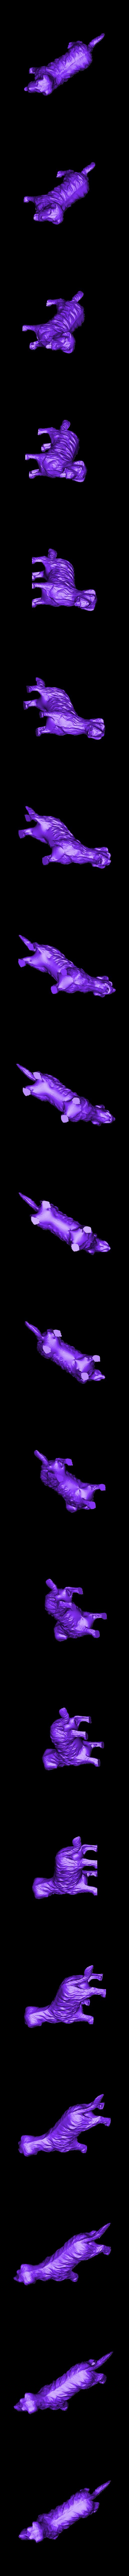 DogEdited.stl Télécharger fichier STL gratuit Chien Terrier • Design pour impression 3D, sjpiper145